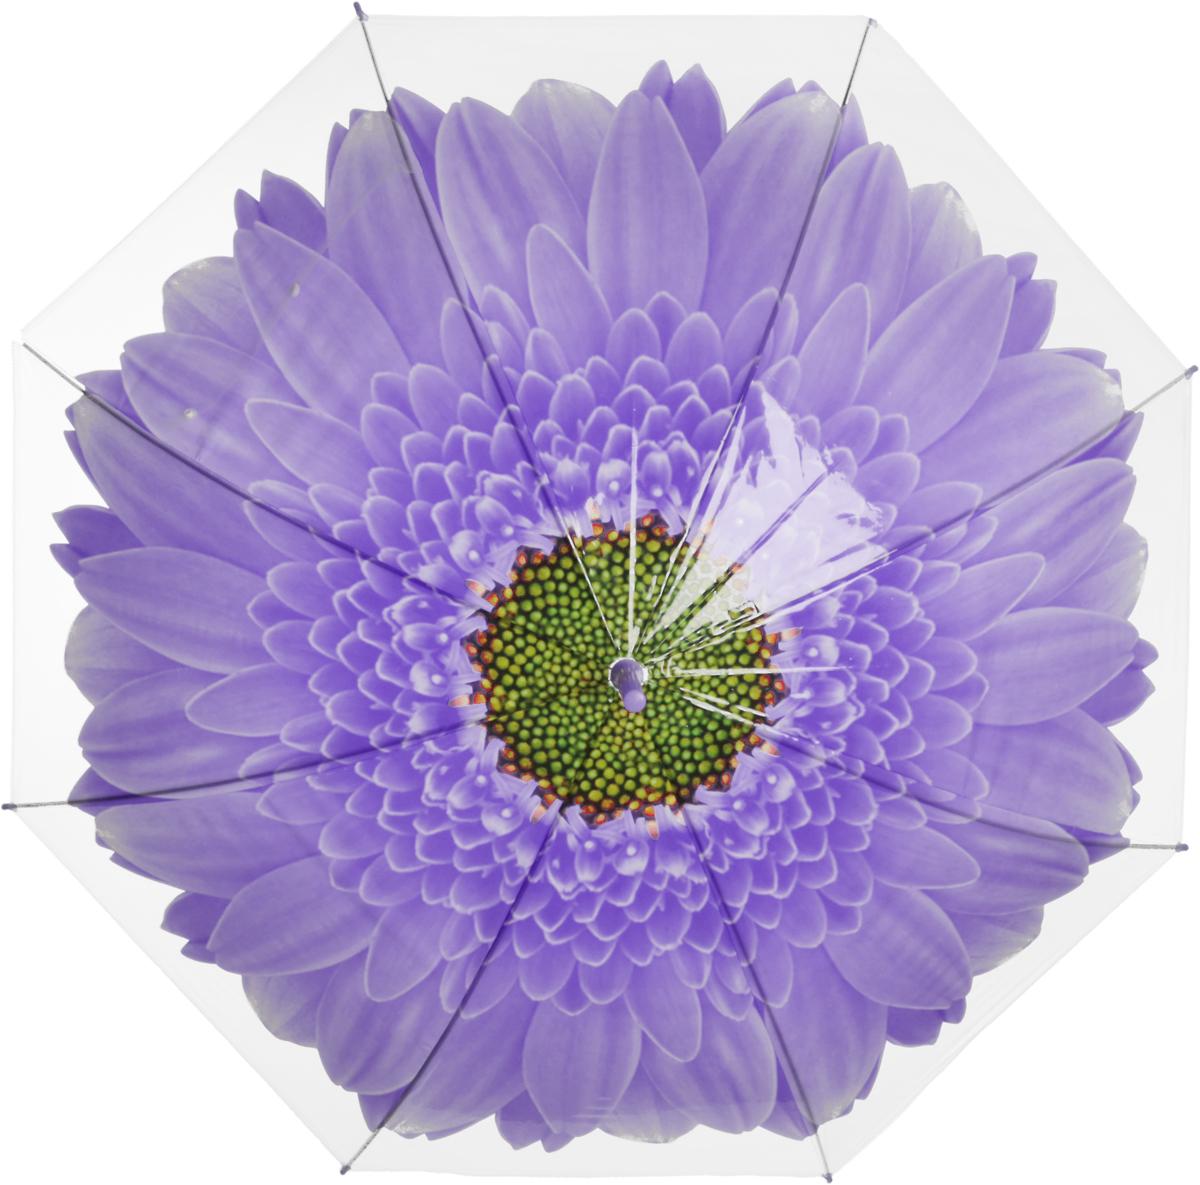 Зонт женский Эврика Цветок, цвет: фиолетовый, белый. 97857 зонт эврика цветок 1 97856